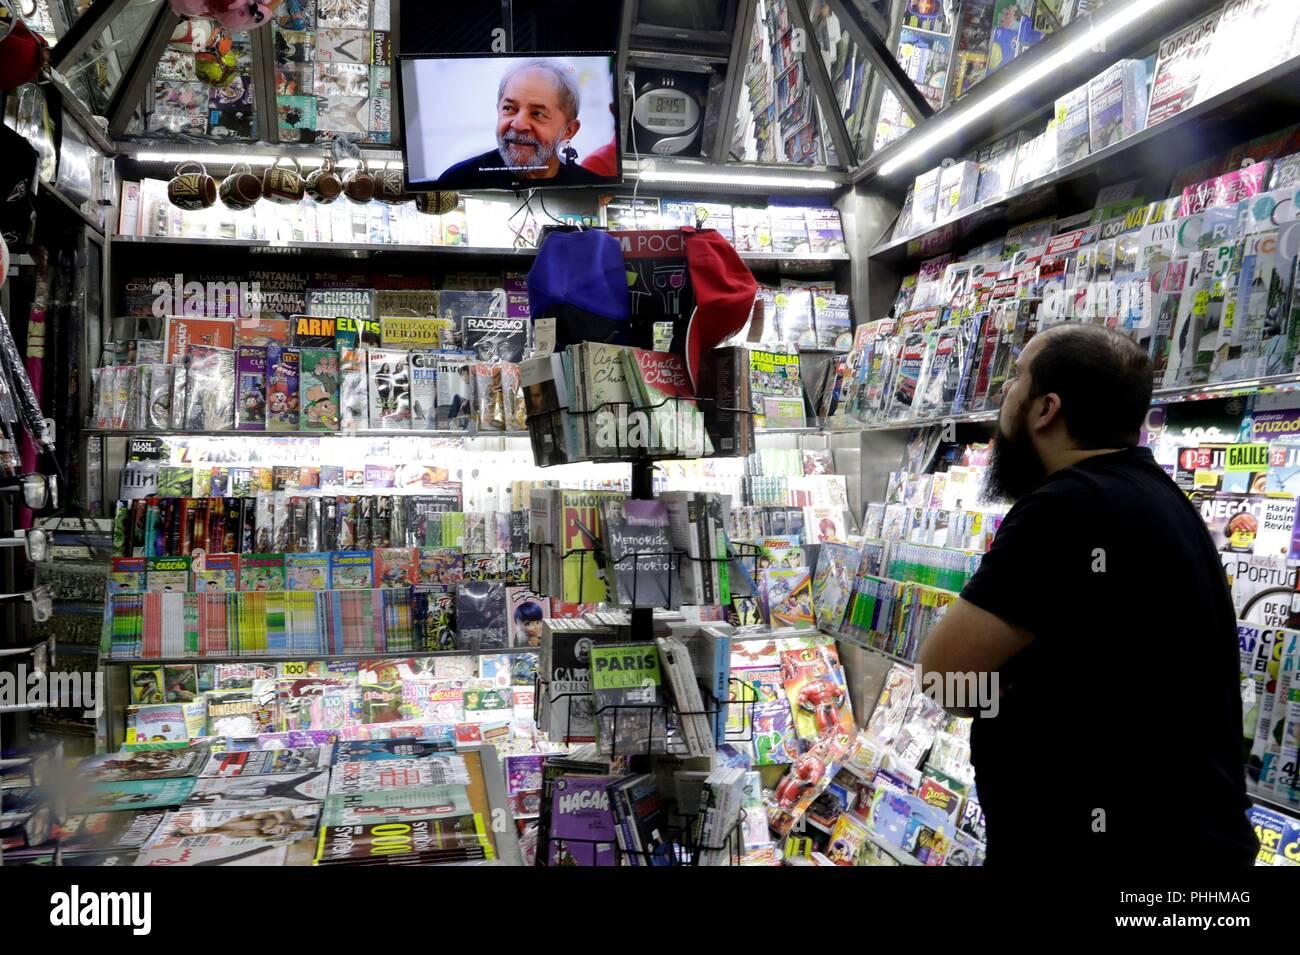 Sao Paulo, Brazil. 02nd Sep, 2018. SAO02. SAO PAULO (BRASIL). 2/09/18.- Un hombre mira un televisor en un negocio, en Sao Paulo (Brasil) hoy, sábado 1 de septiembre de 2018. El veto judicial a la candidatura del expresidente Luiz Inácio Lula da Silva, preso por corrupción, dio un nuevo vuelco a la carrera electoral de Brasil, que hoy llegó a la televisión con los programas de los principales abanderados presidenciales. Credit: Fernando Bizerra Jr./EFE/Alamy Live News - Stock Image